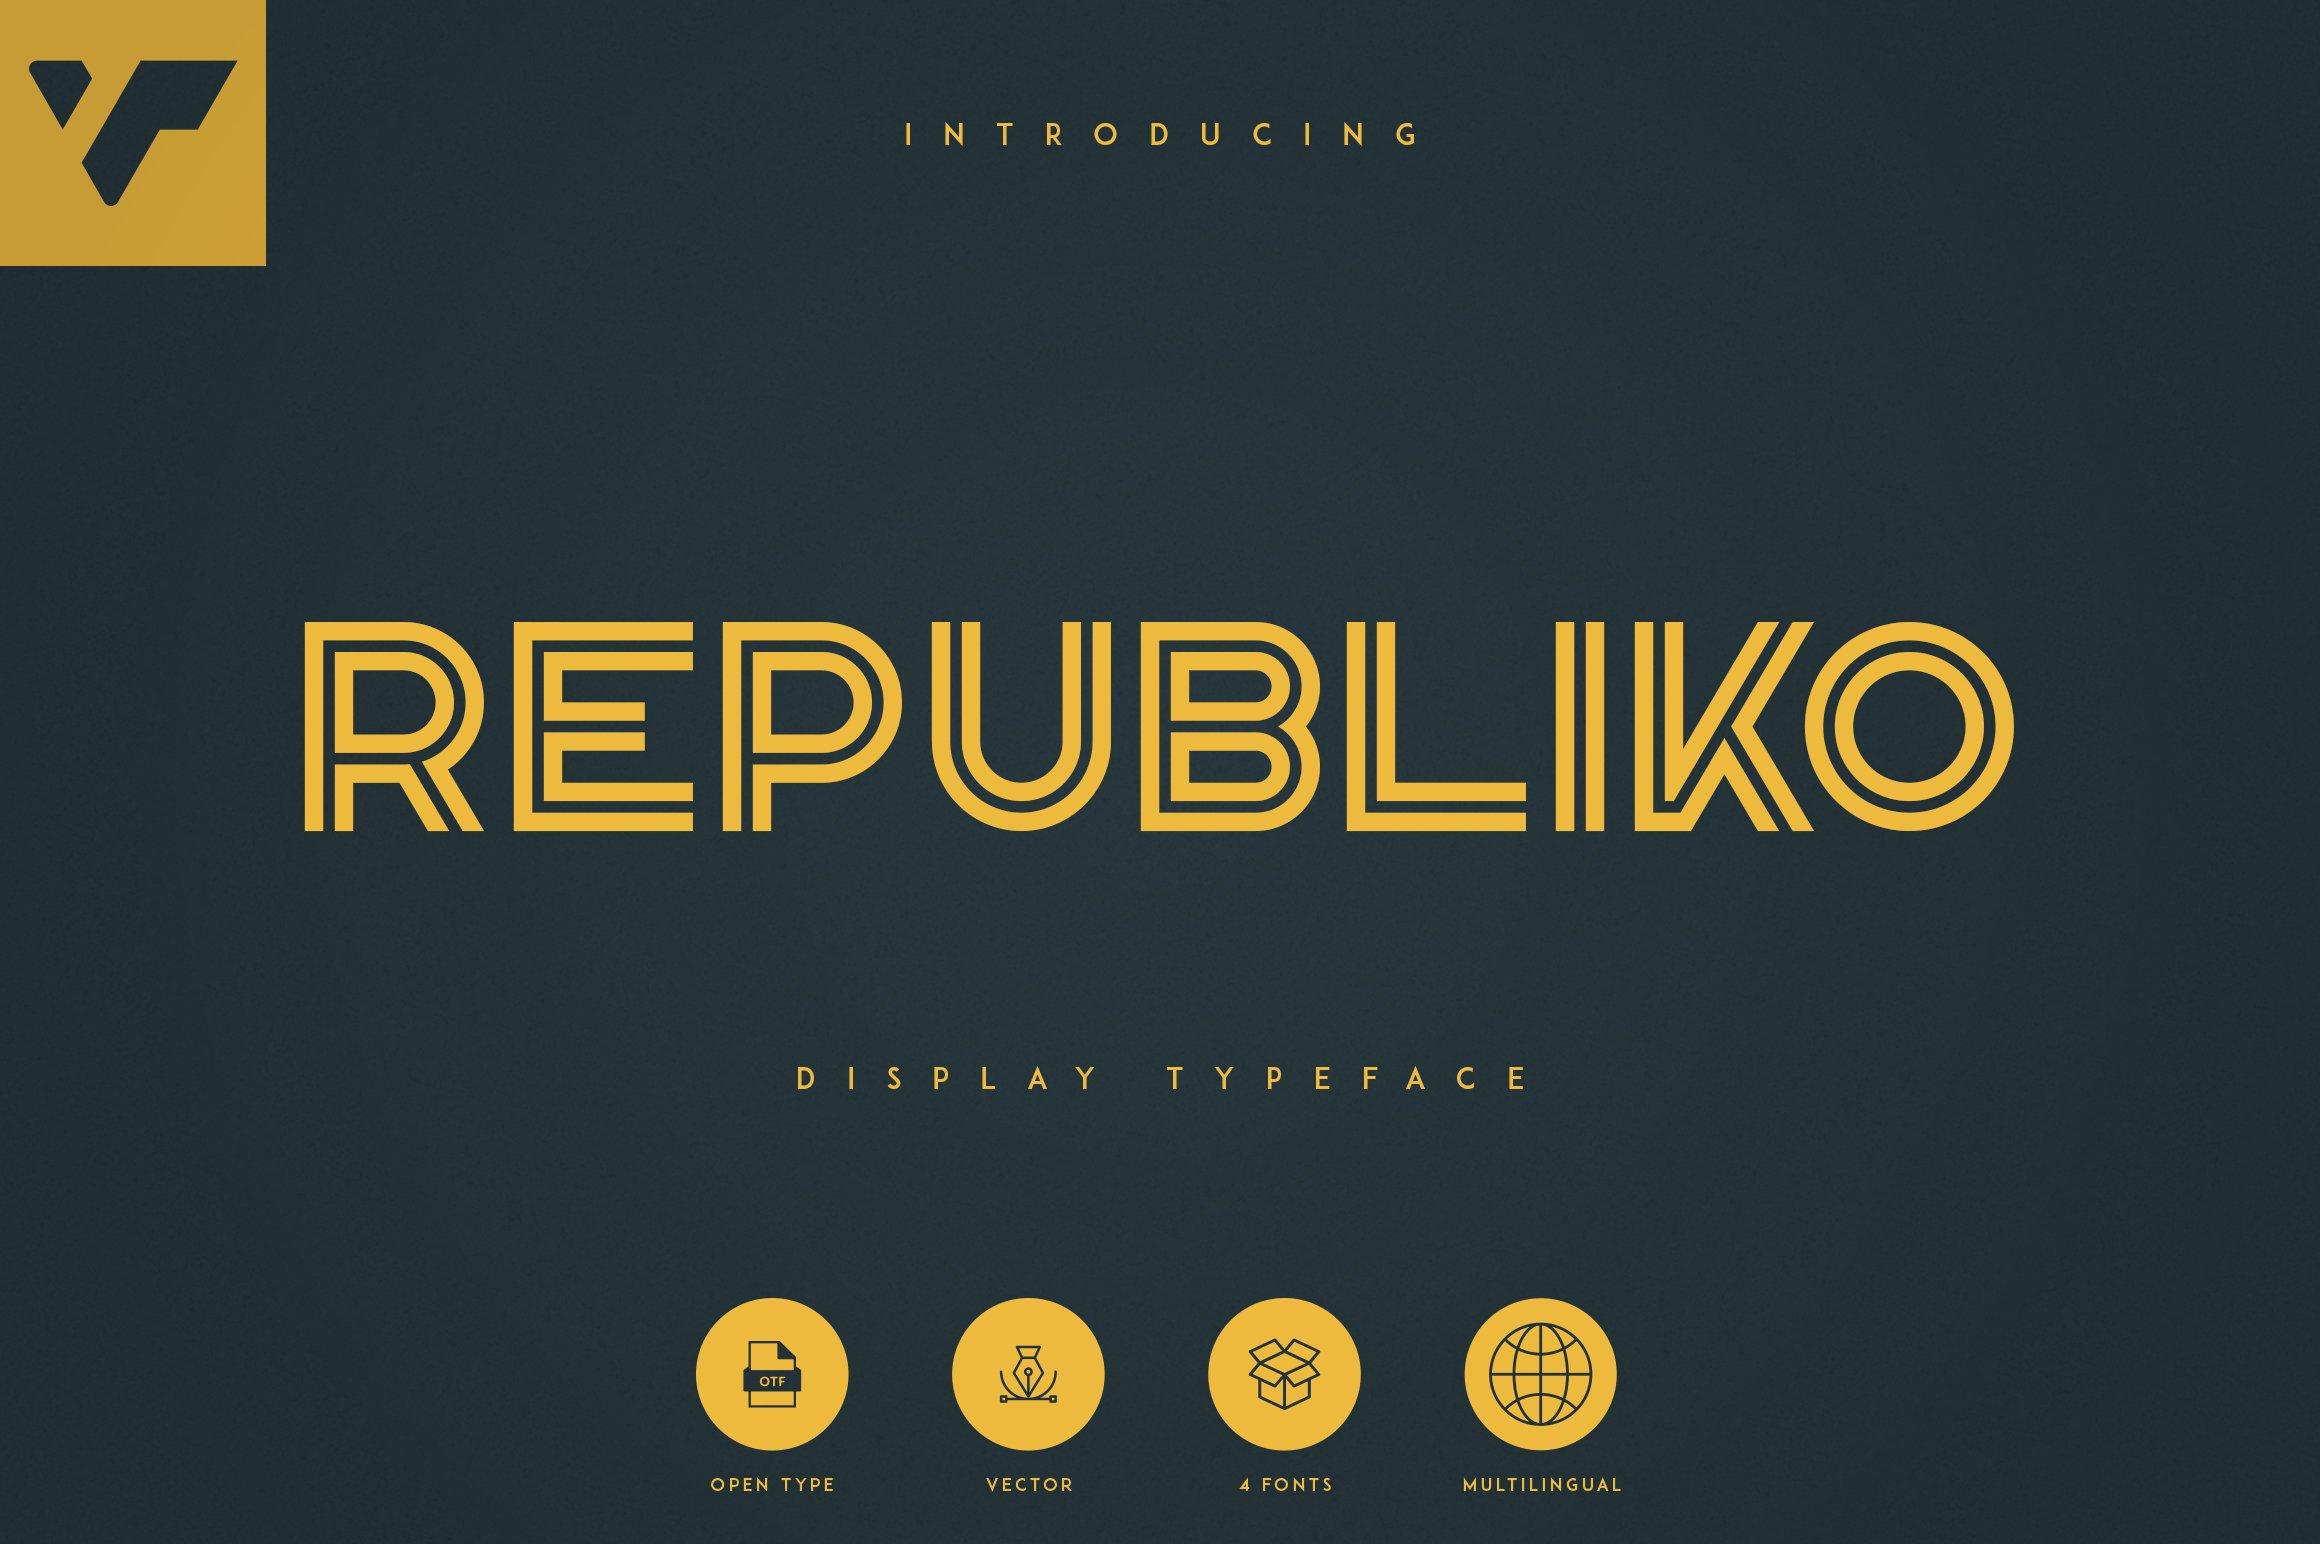 2D font gold color. Republiko.